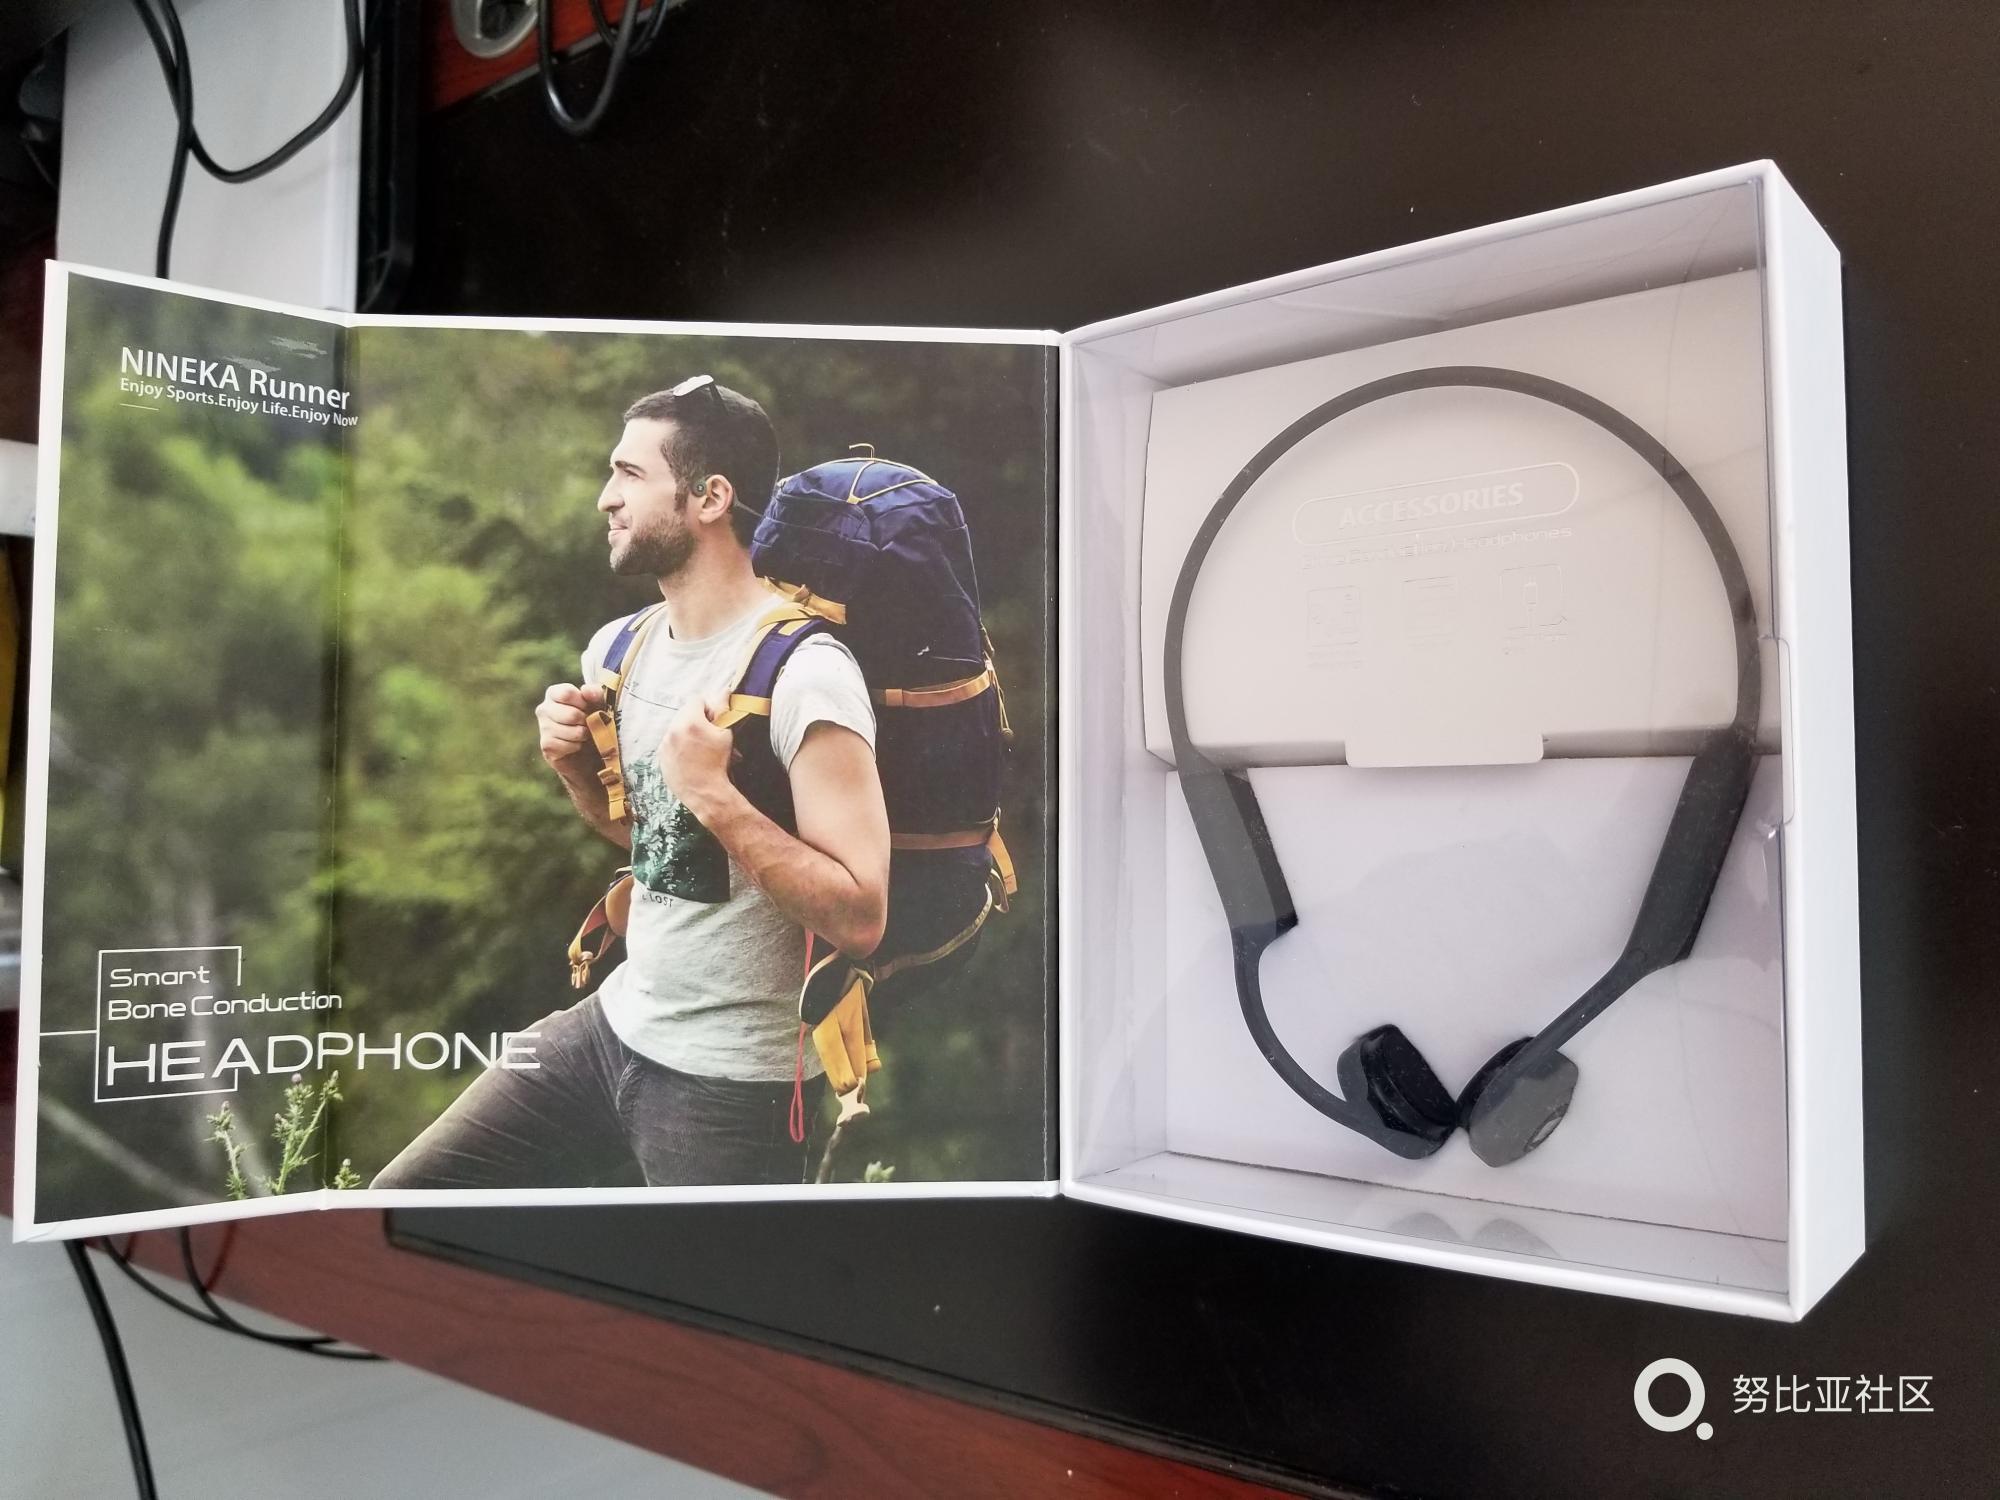 打开包装,左边一张远行者的照片,右边放置着耳机本体